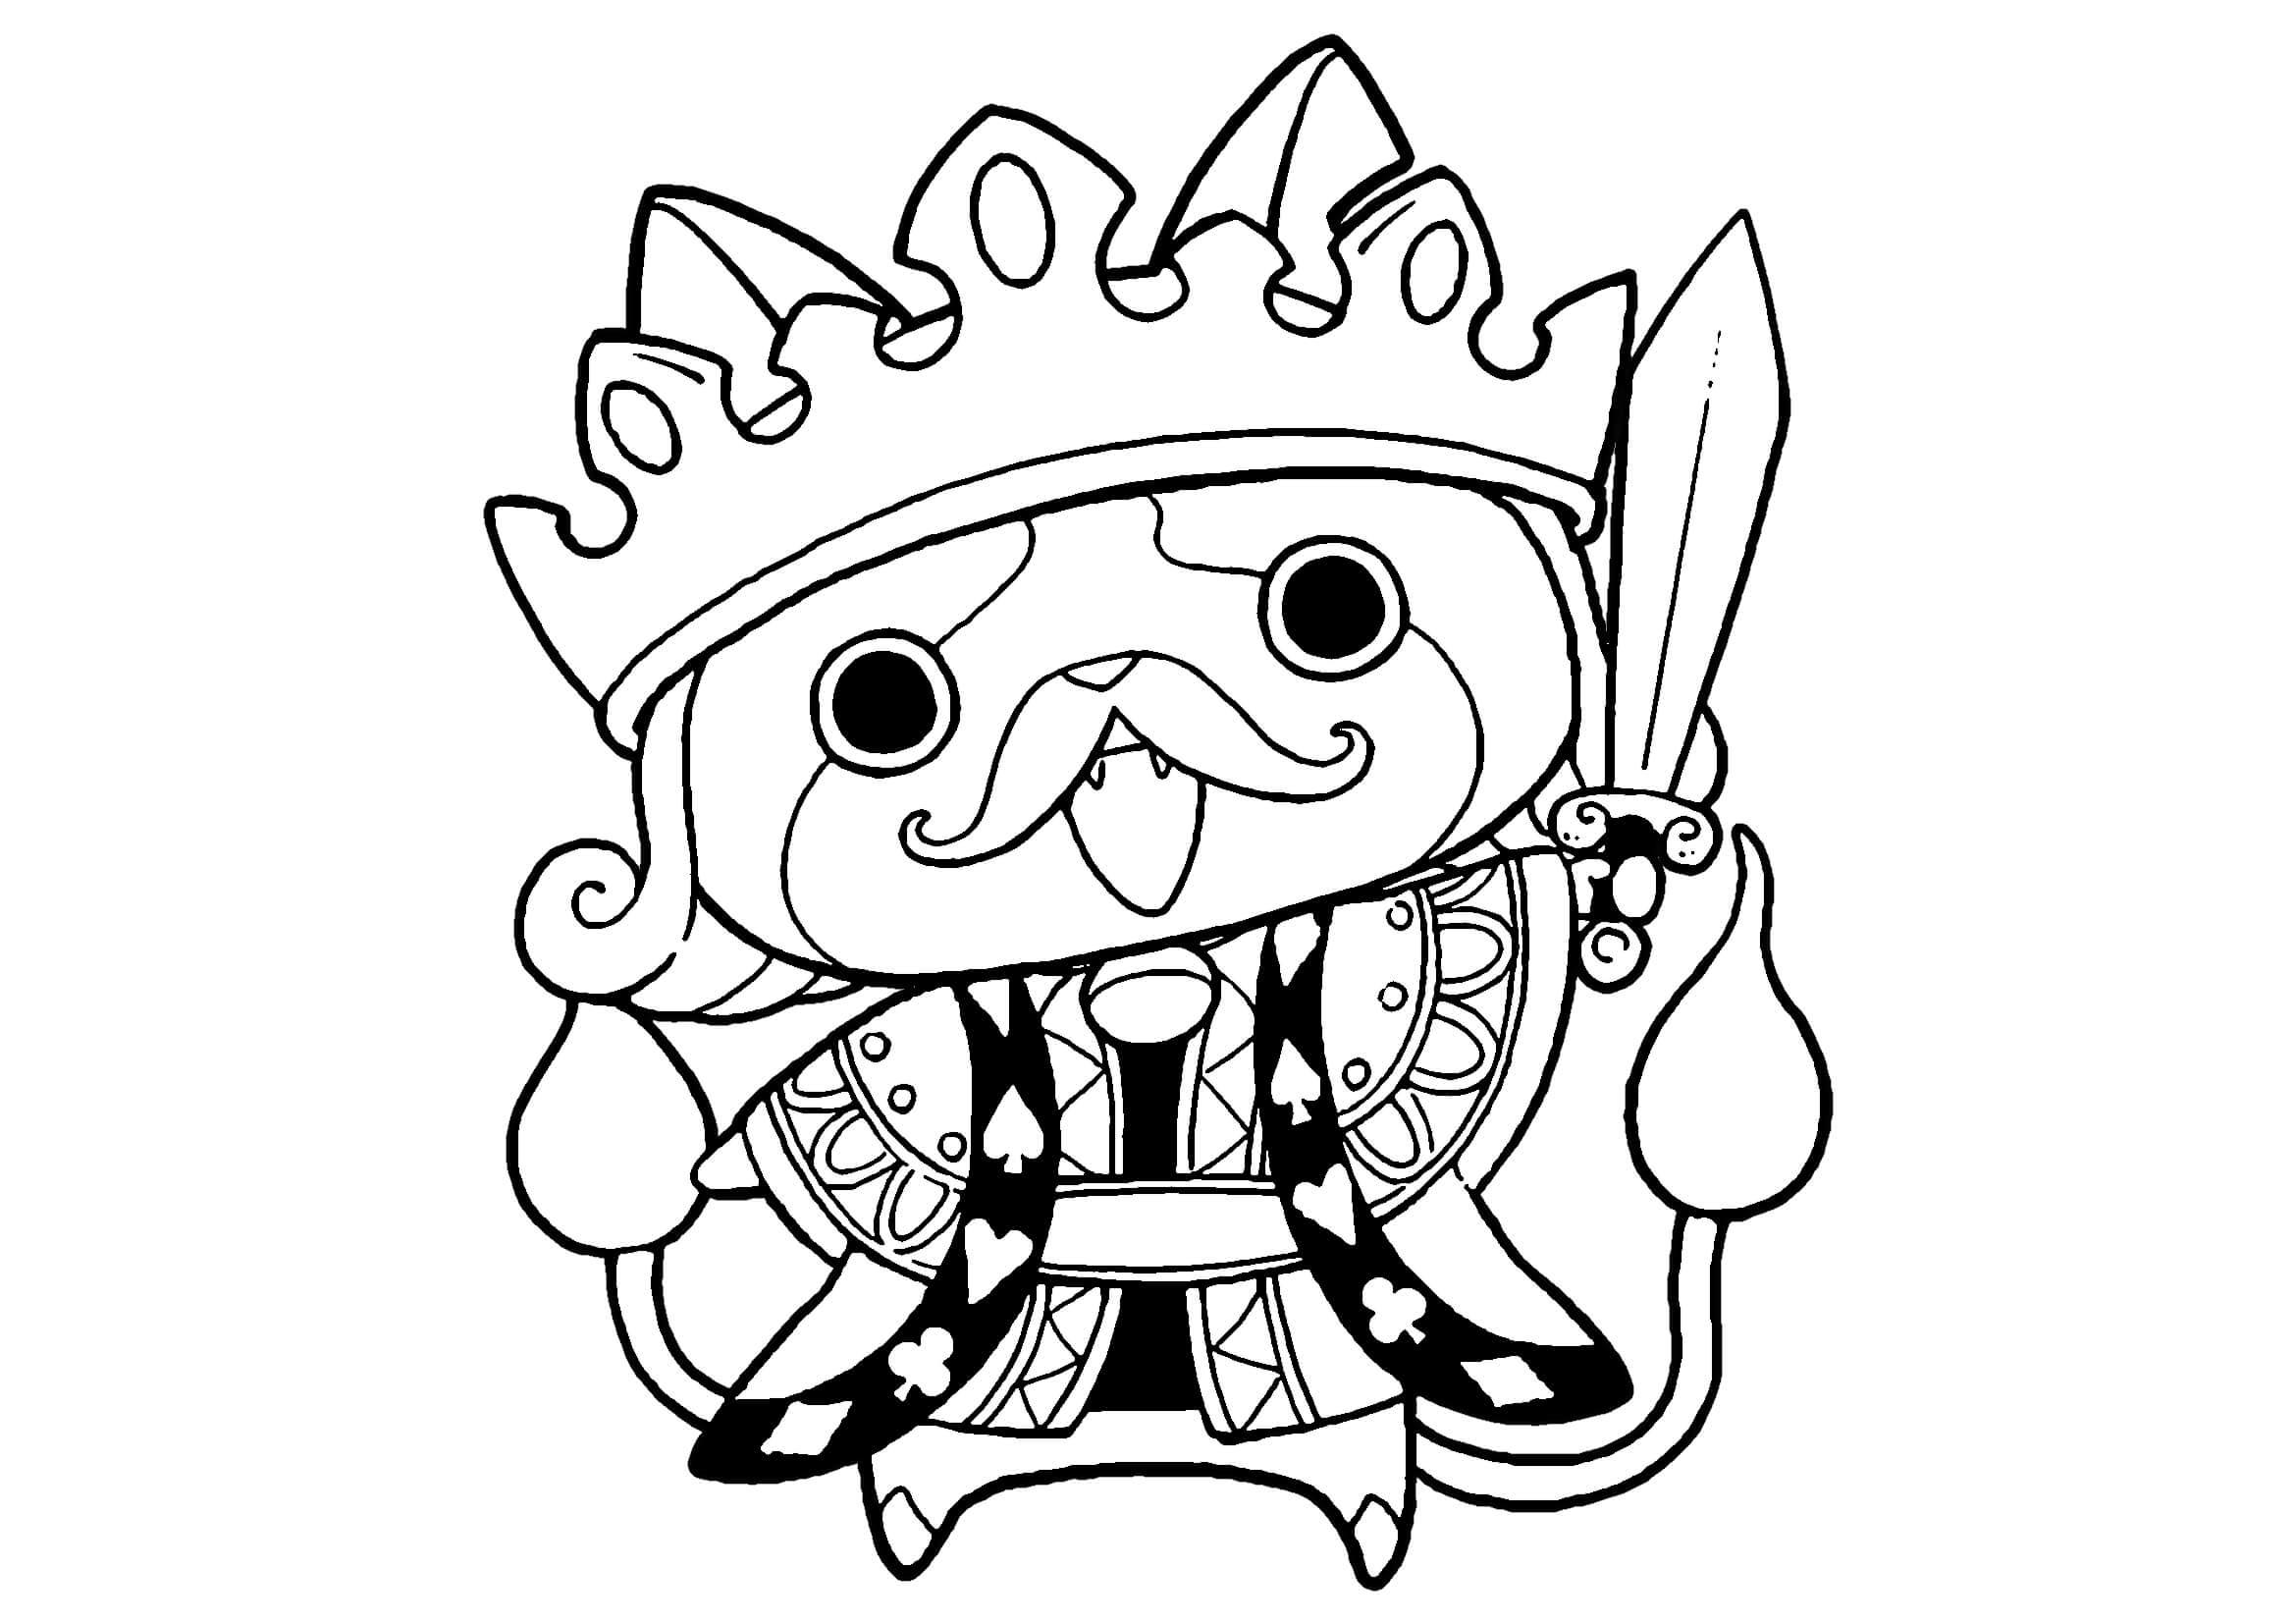 ジバニャンK(キング)-トランプ系妖怪無料印刷ぬりえ